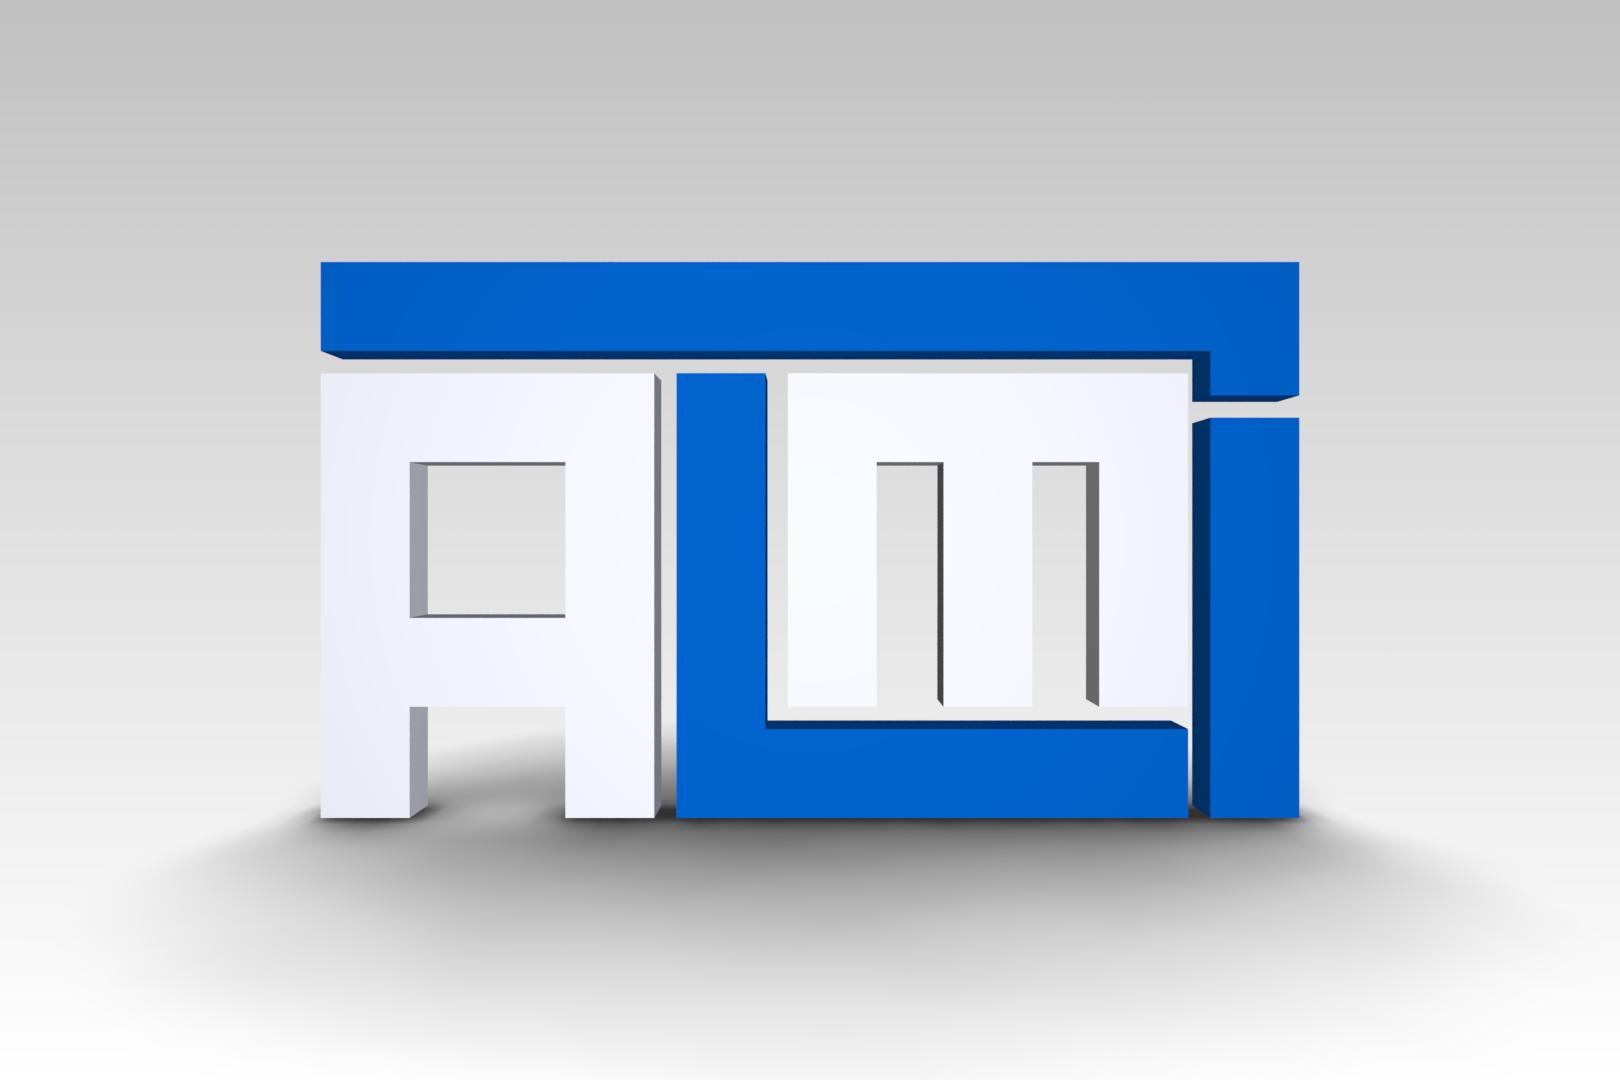 Разработка логотипа и фона фото f_813598fff2d134dc.png